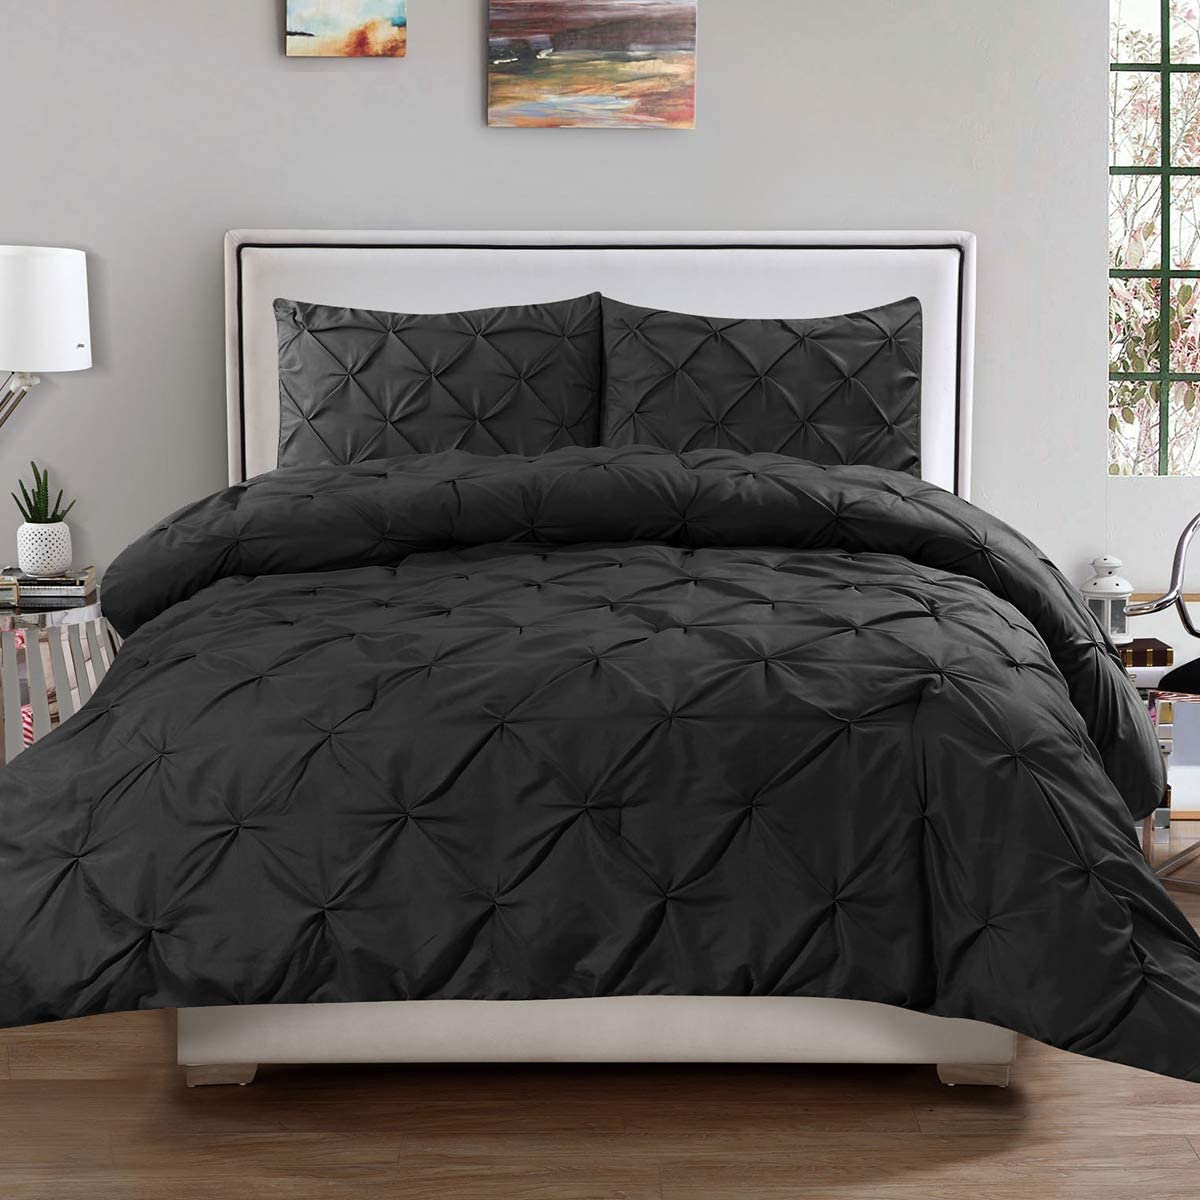 Luxe Pintuck duvet//Quilt Cover Set avec taies en polycoton Literie Tailles